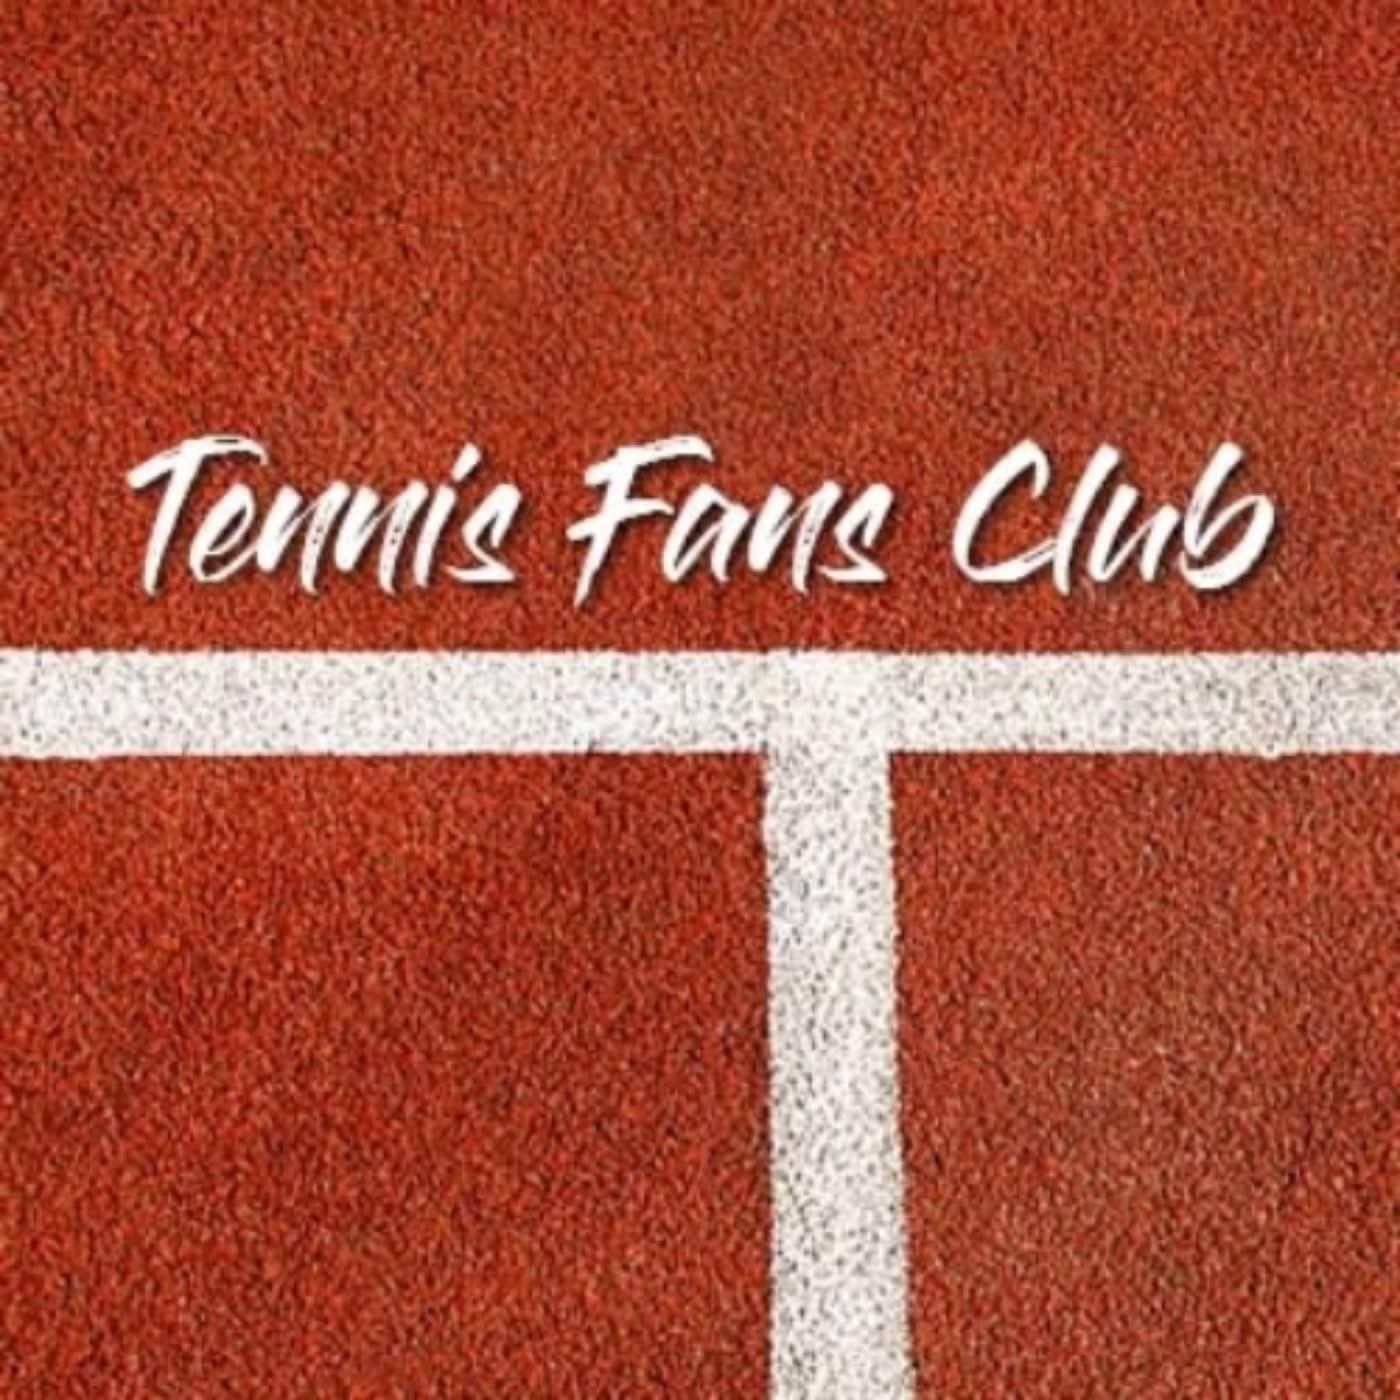 TFC 網球迷俱樂部